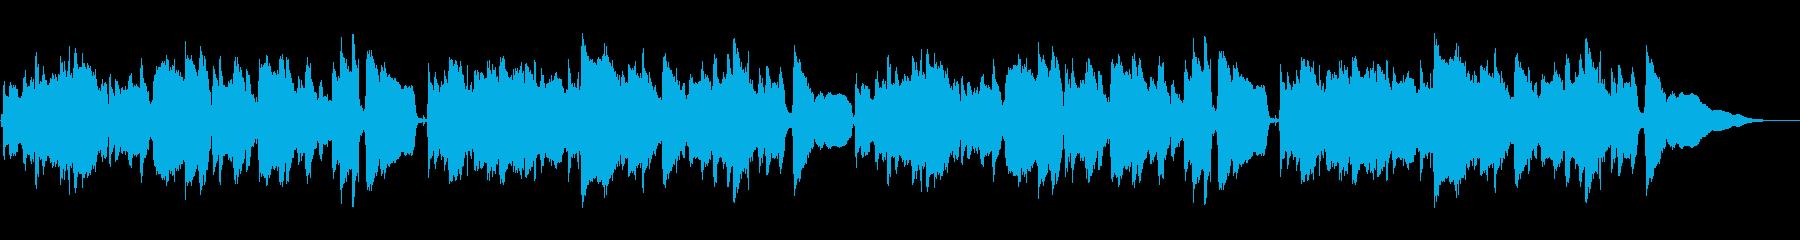 ほのぼのとした雰囲気のアコギソロの再生済みの波形